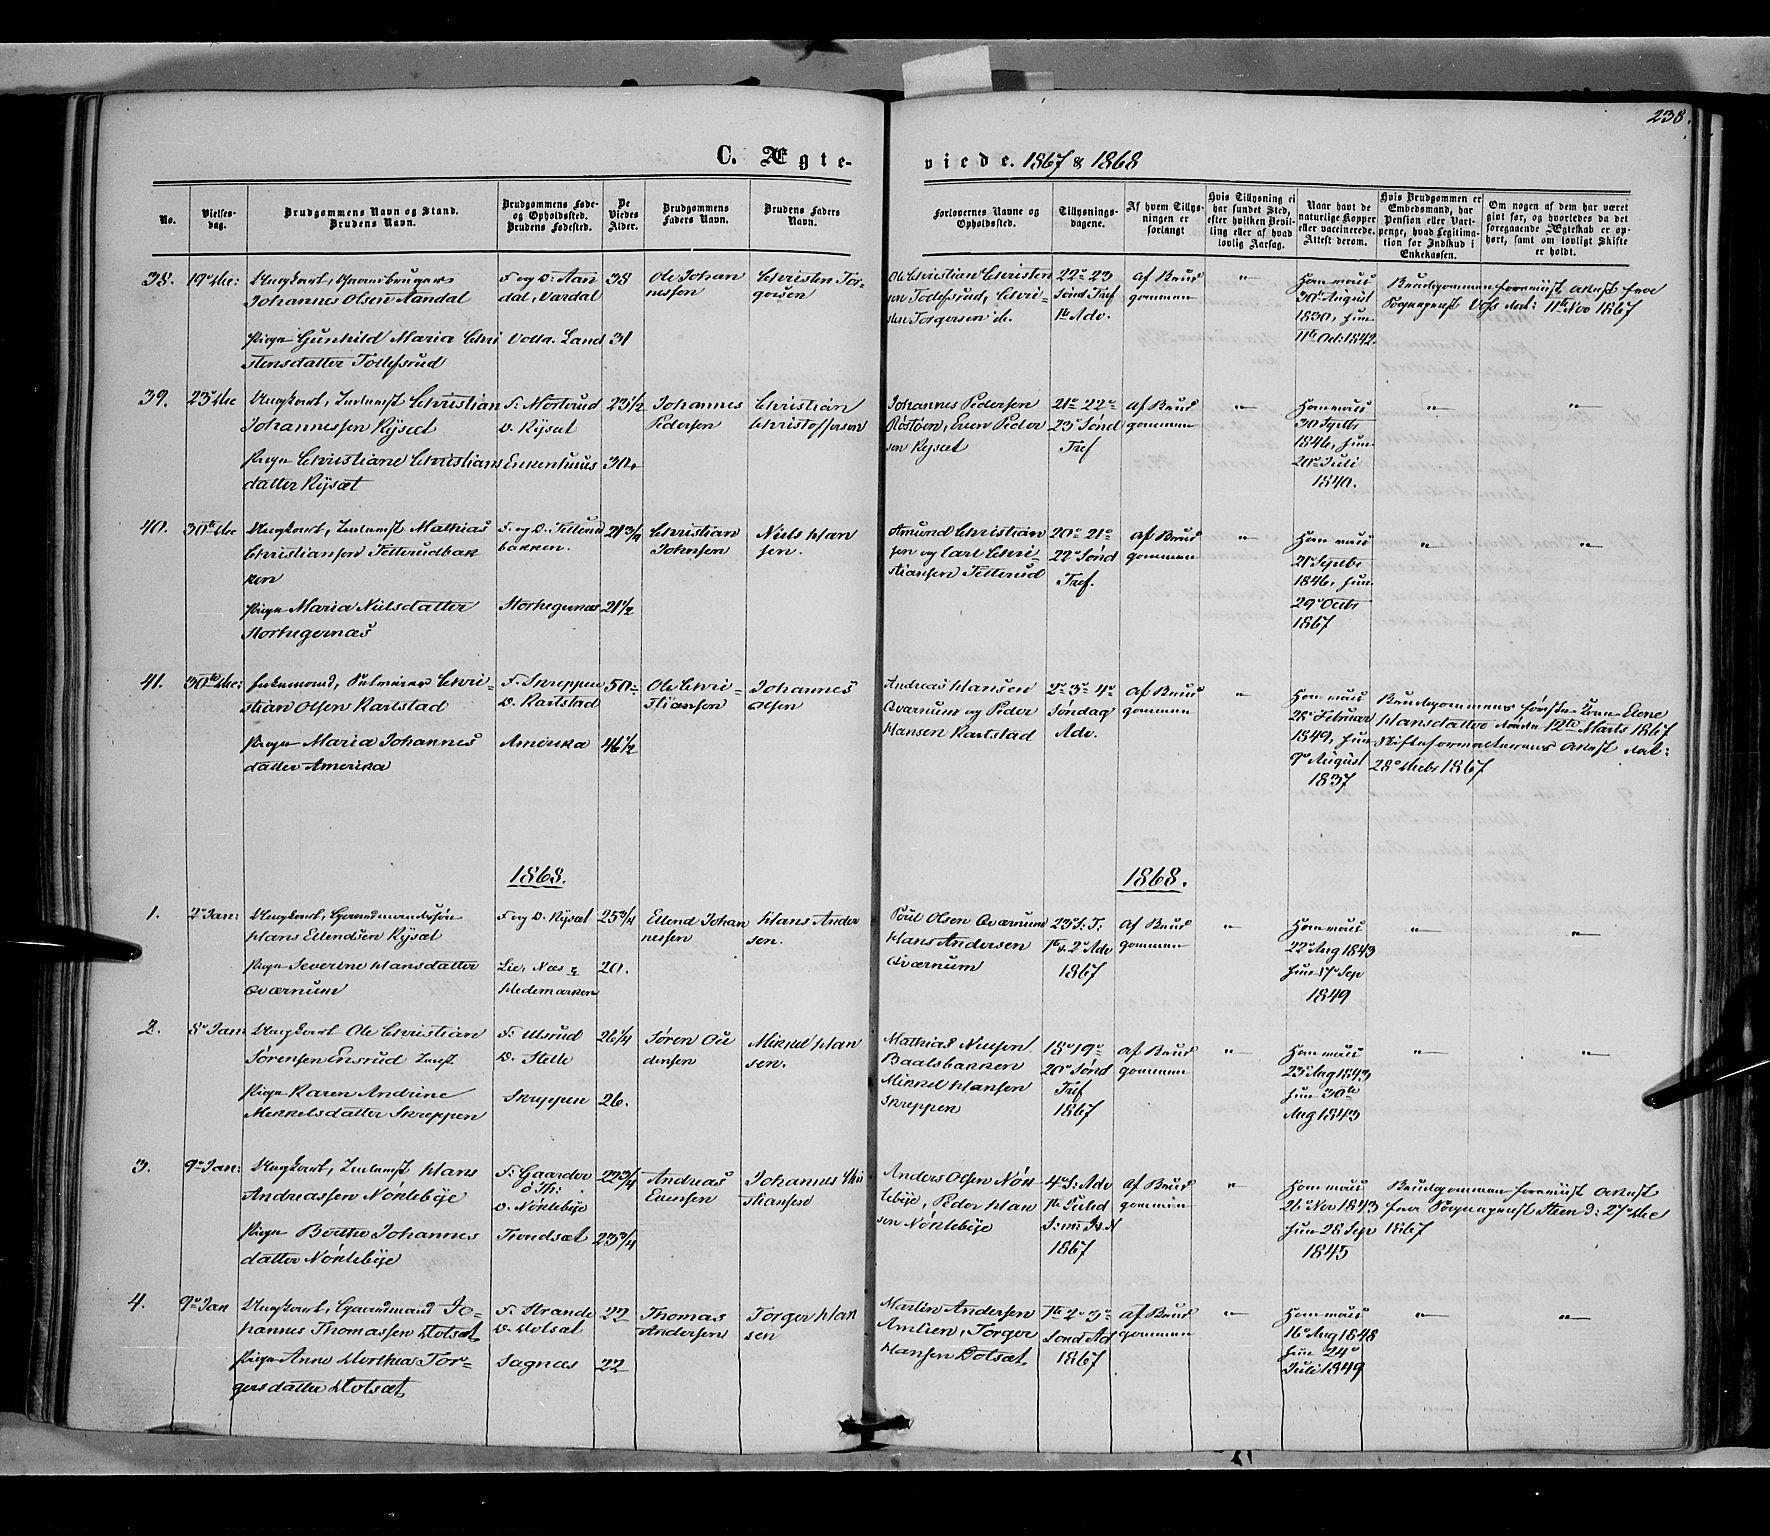 SAH, Vestre Toten prestekontor, Ministerialbok nr. 7, 1862-1869, s. 238